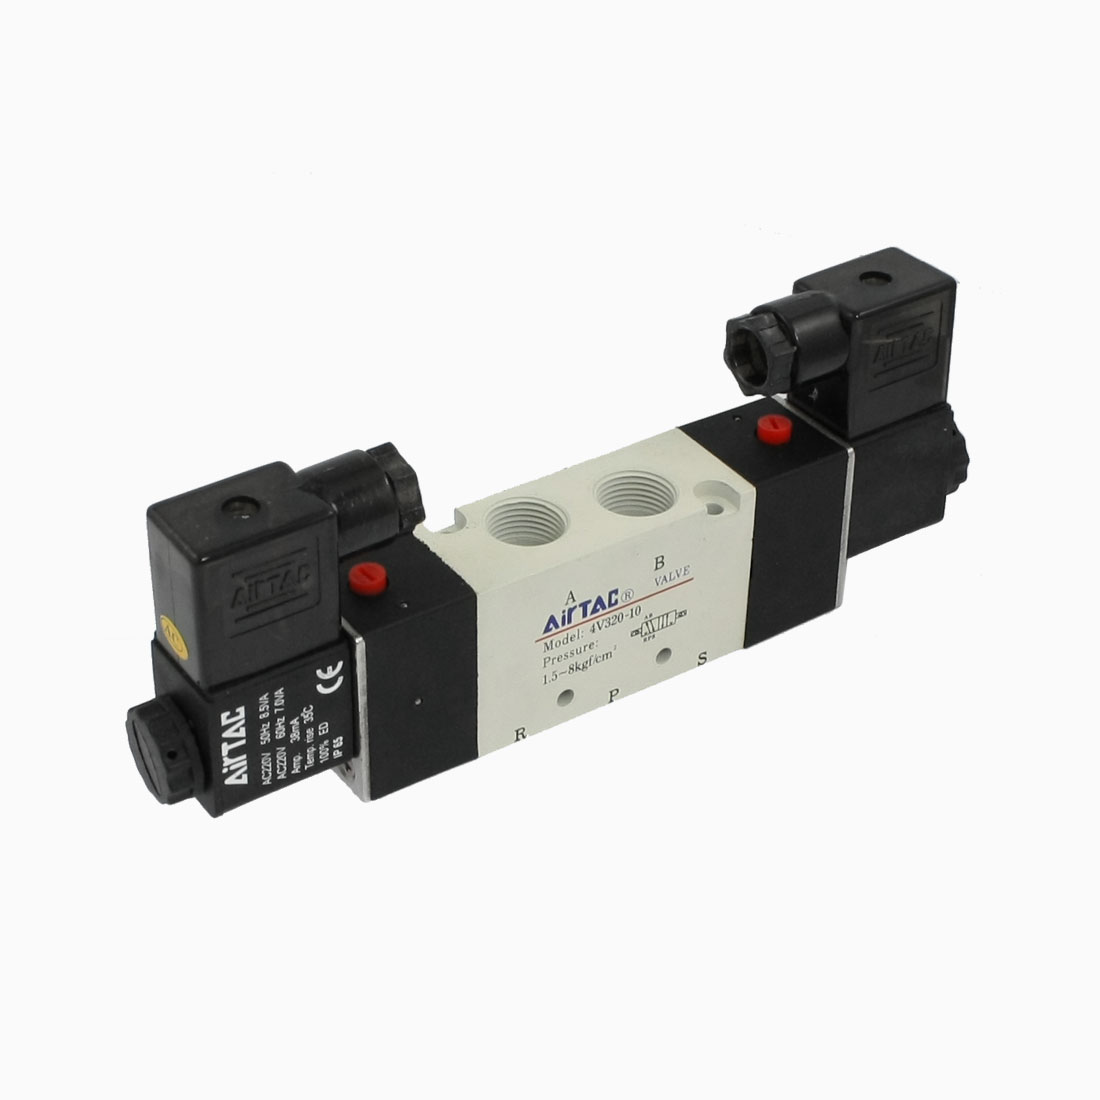 AC220V 4V320-10 2 Position 5 Way Pneumatic Solenoid Valve